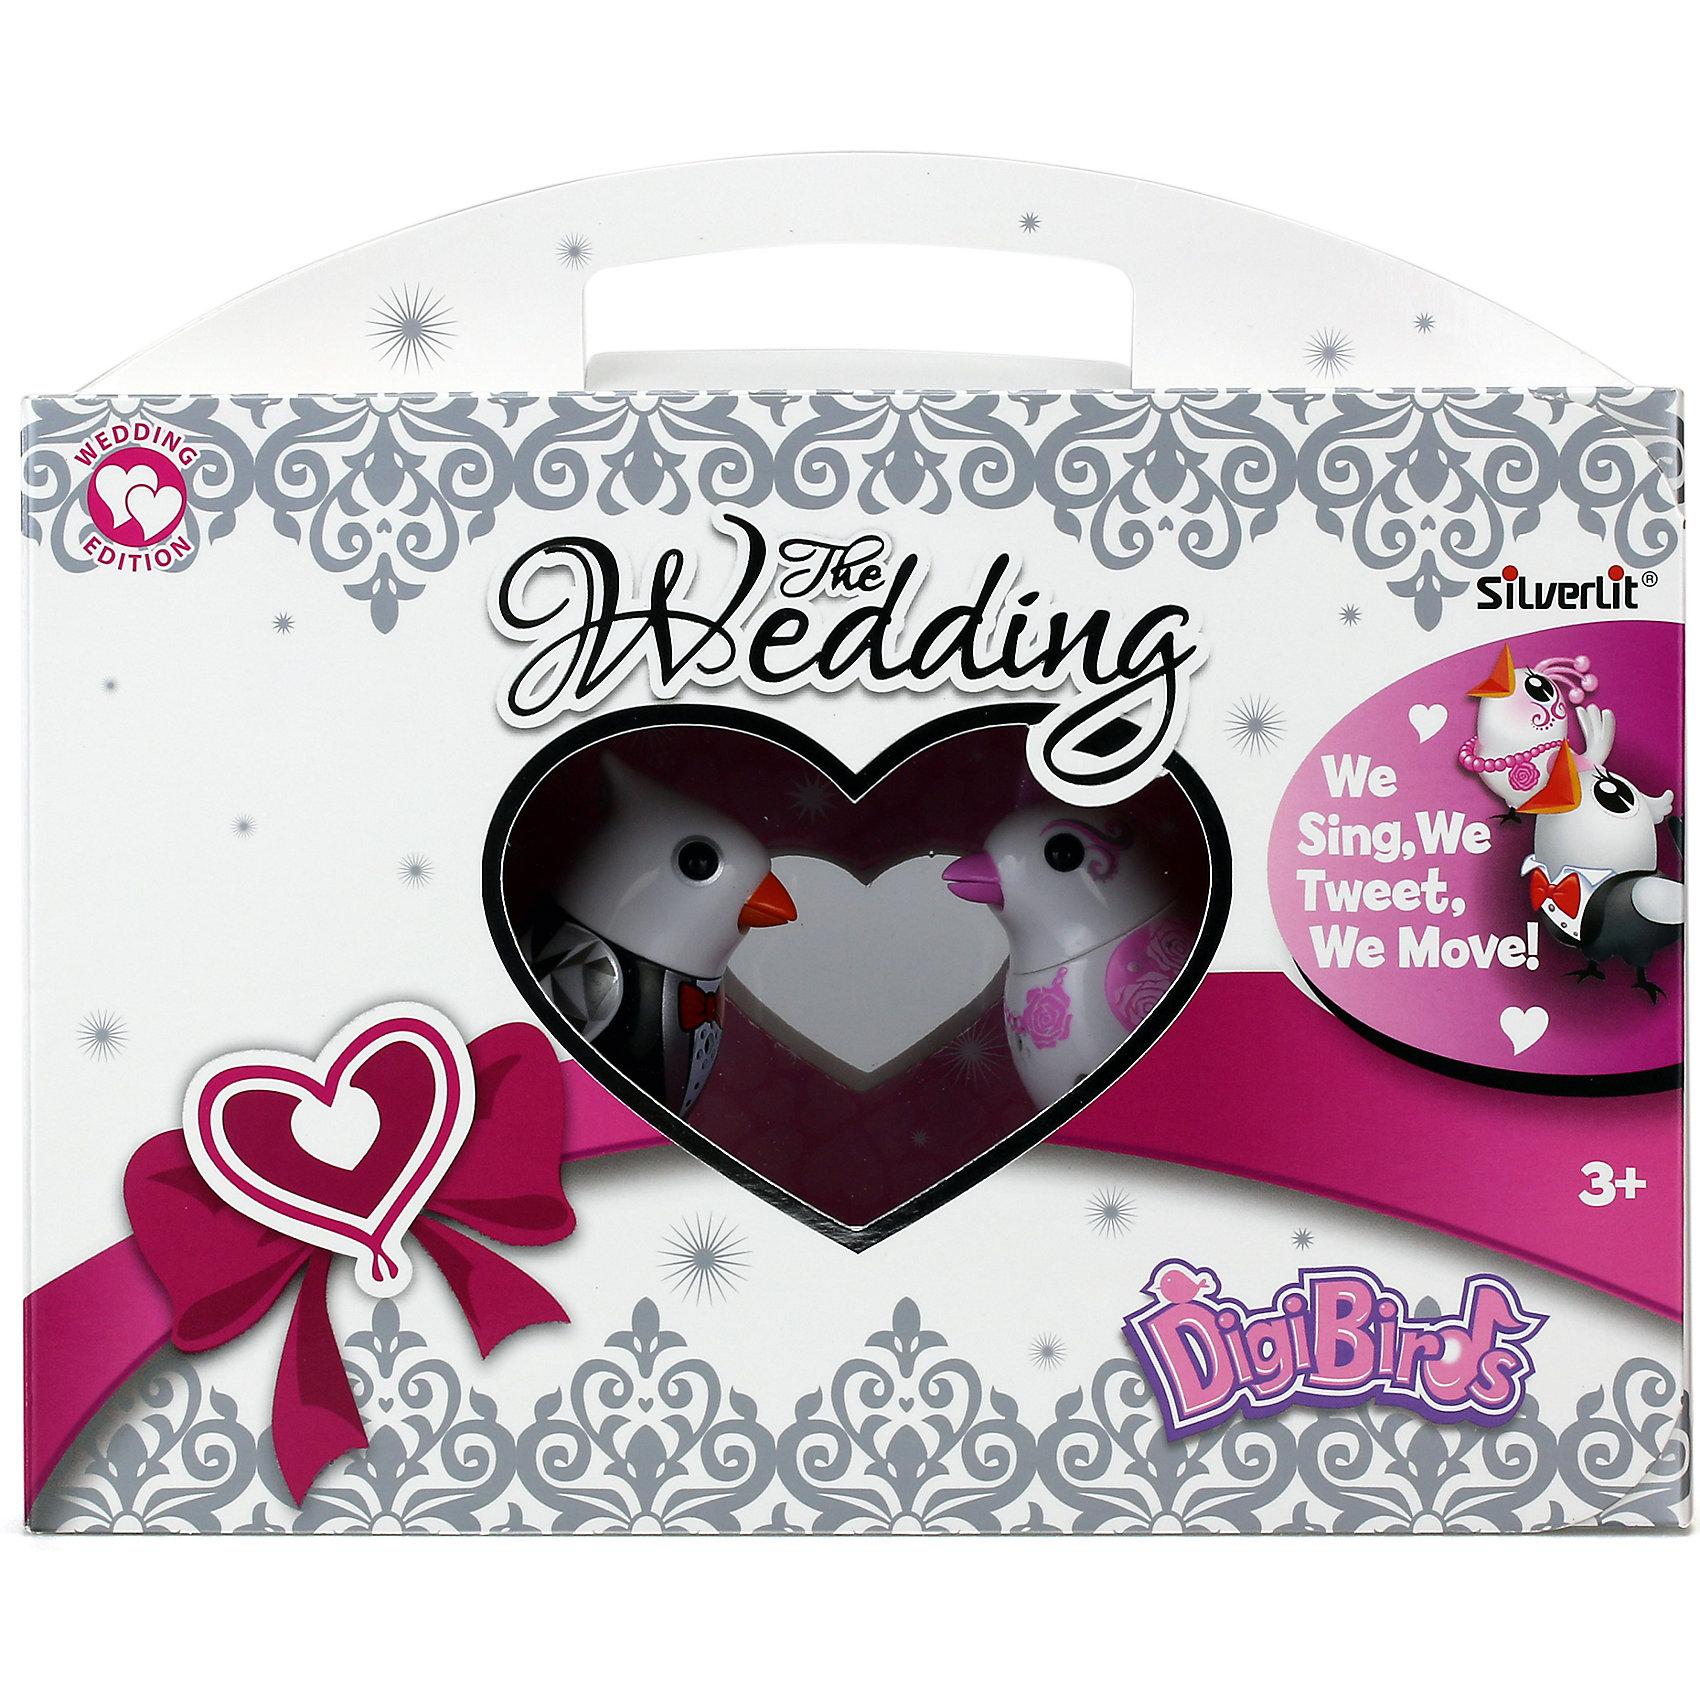 Silverlit Поющие птички Жених и невеста, DigiBirds silverlit digibirds пингвин фигурист с кольцом серый